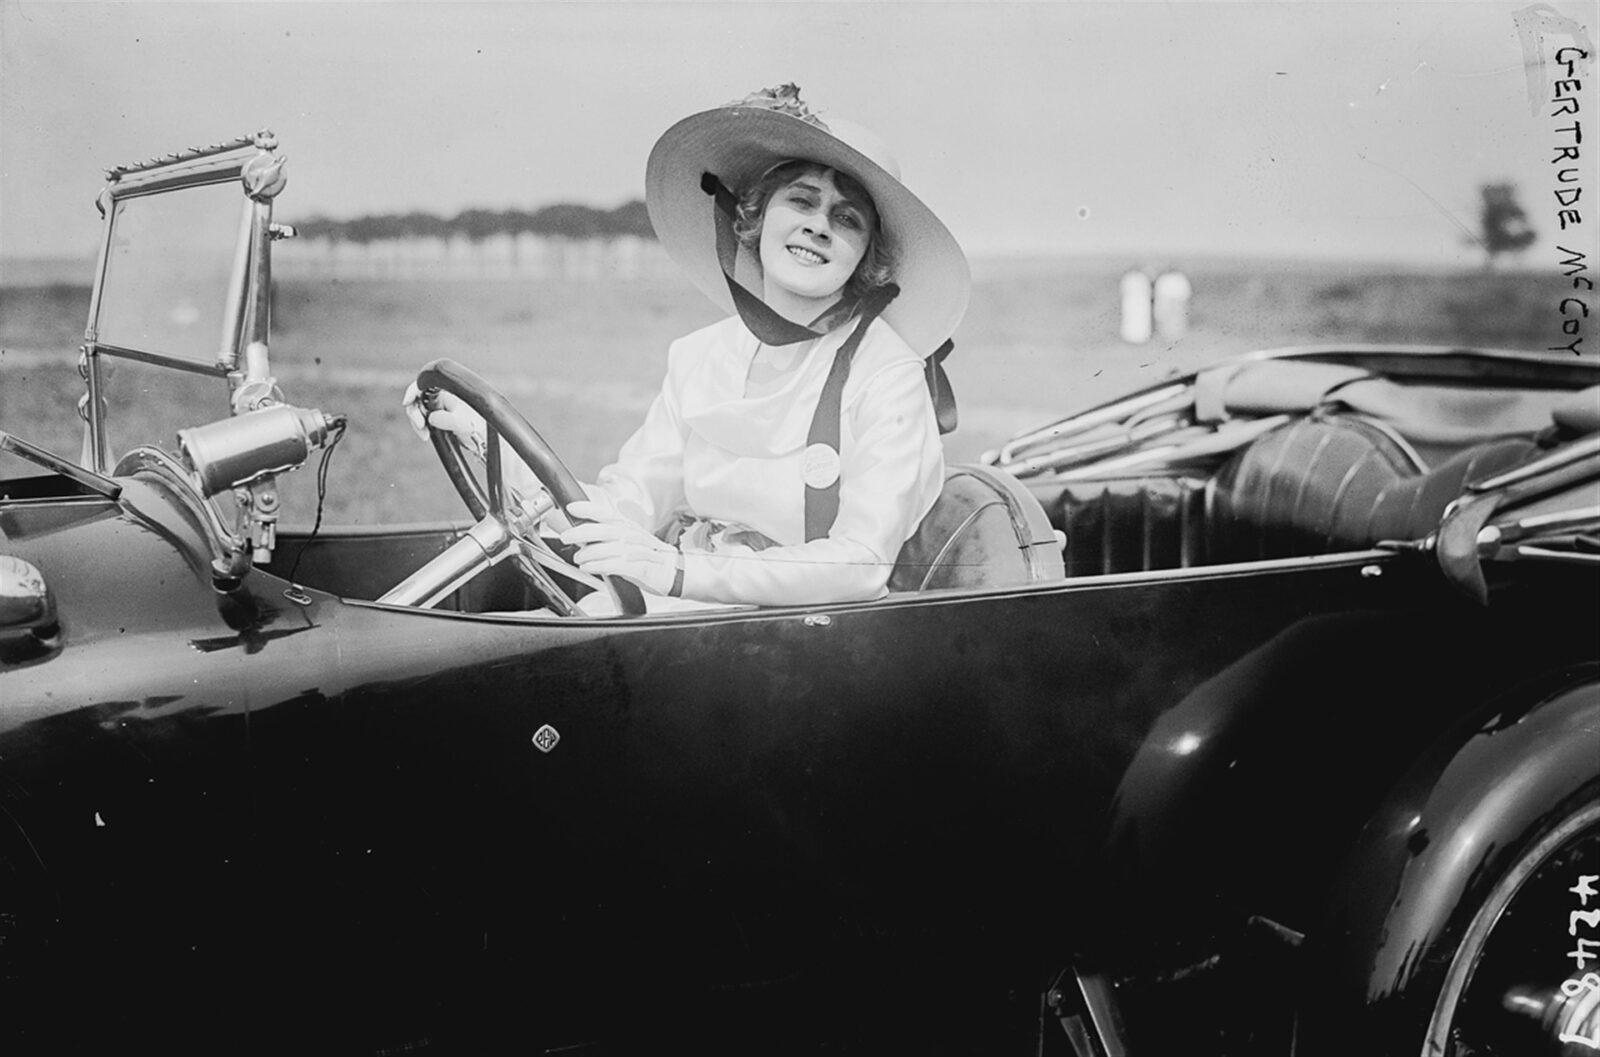 Donne al volante: sfatiamo qualche luogo comune!